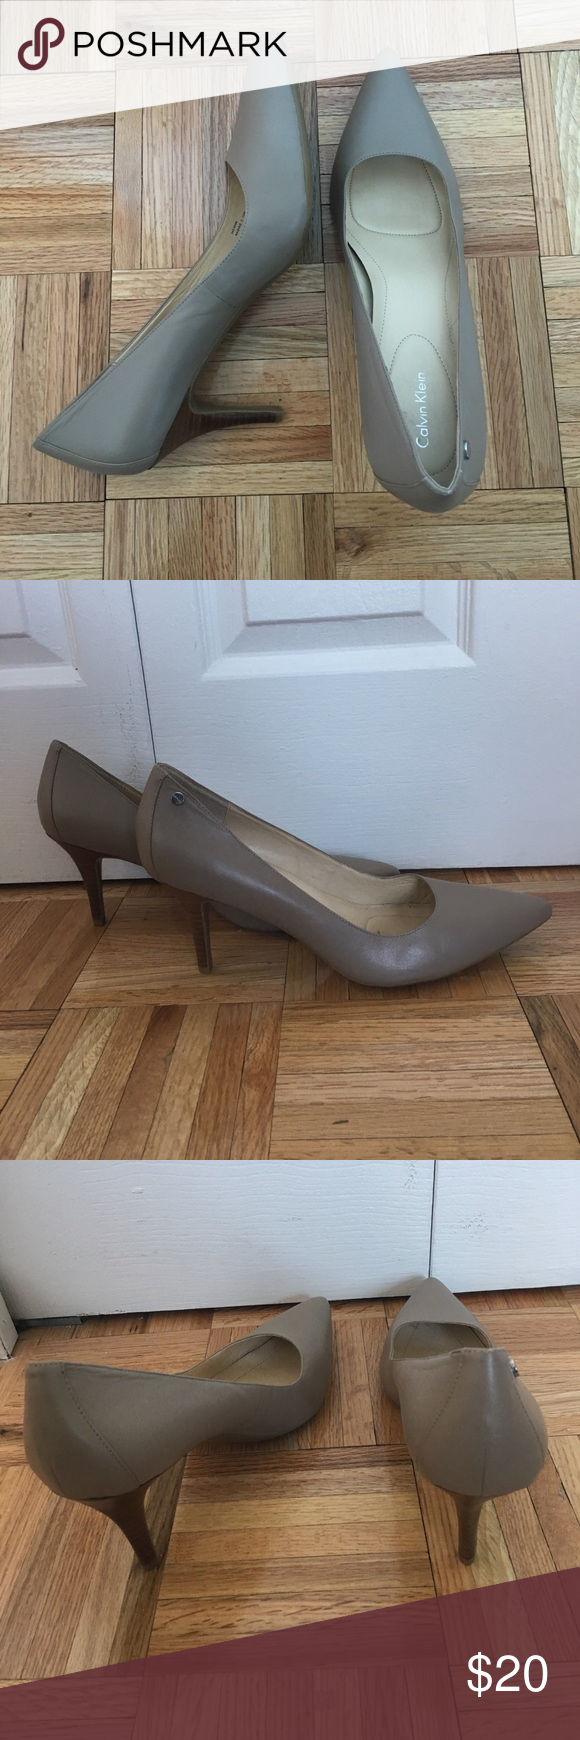 """Calvin Klein Nude 3"""" heels 3 inch heel Calvin Klein heels in nude. Wood heel. Worn once. Calvin Klein Shoes Heels"""